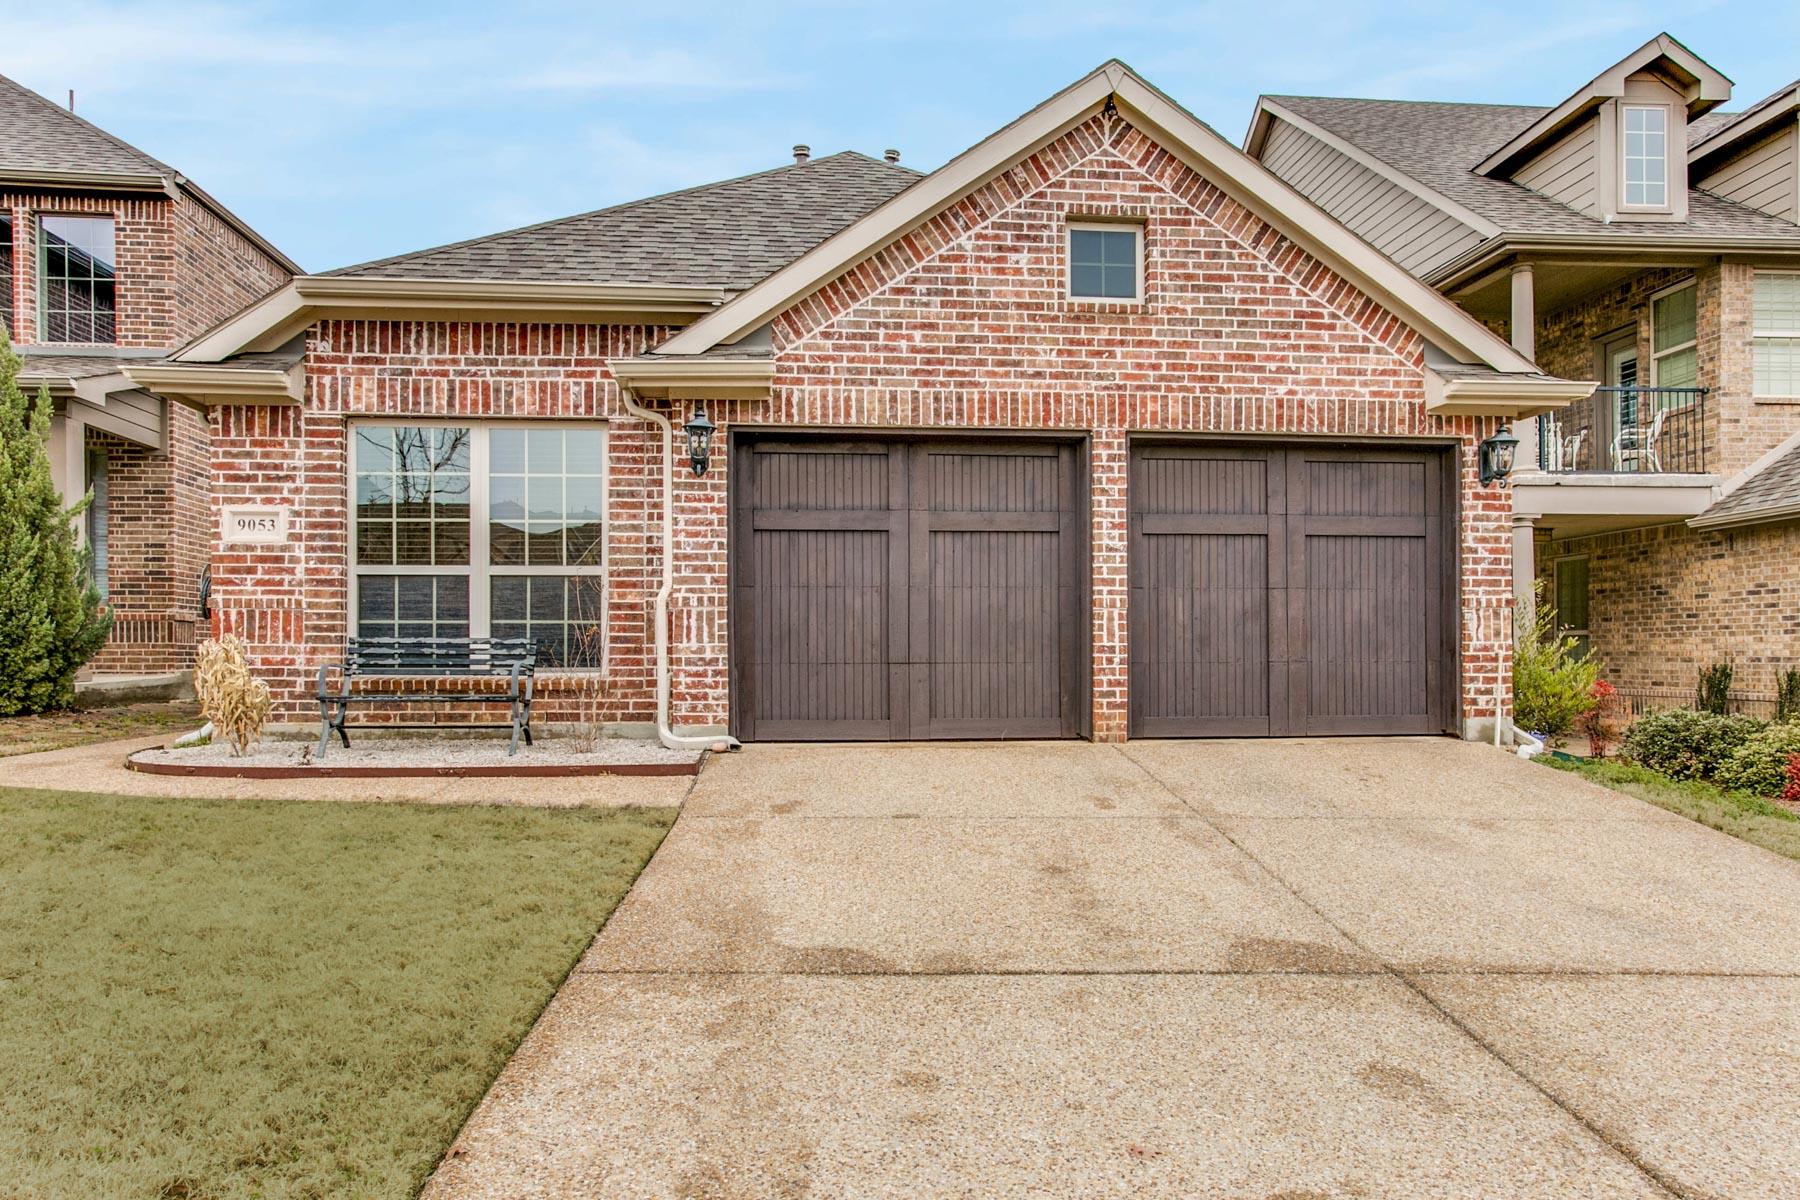 Частный односемейный дом для того Продажа на Academy at Waterchase Villa 9053 Cottonwood Village Drive, Fort Worth, Техас, 76120 Соединенные Штаты